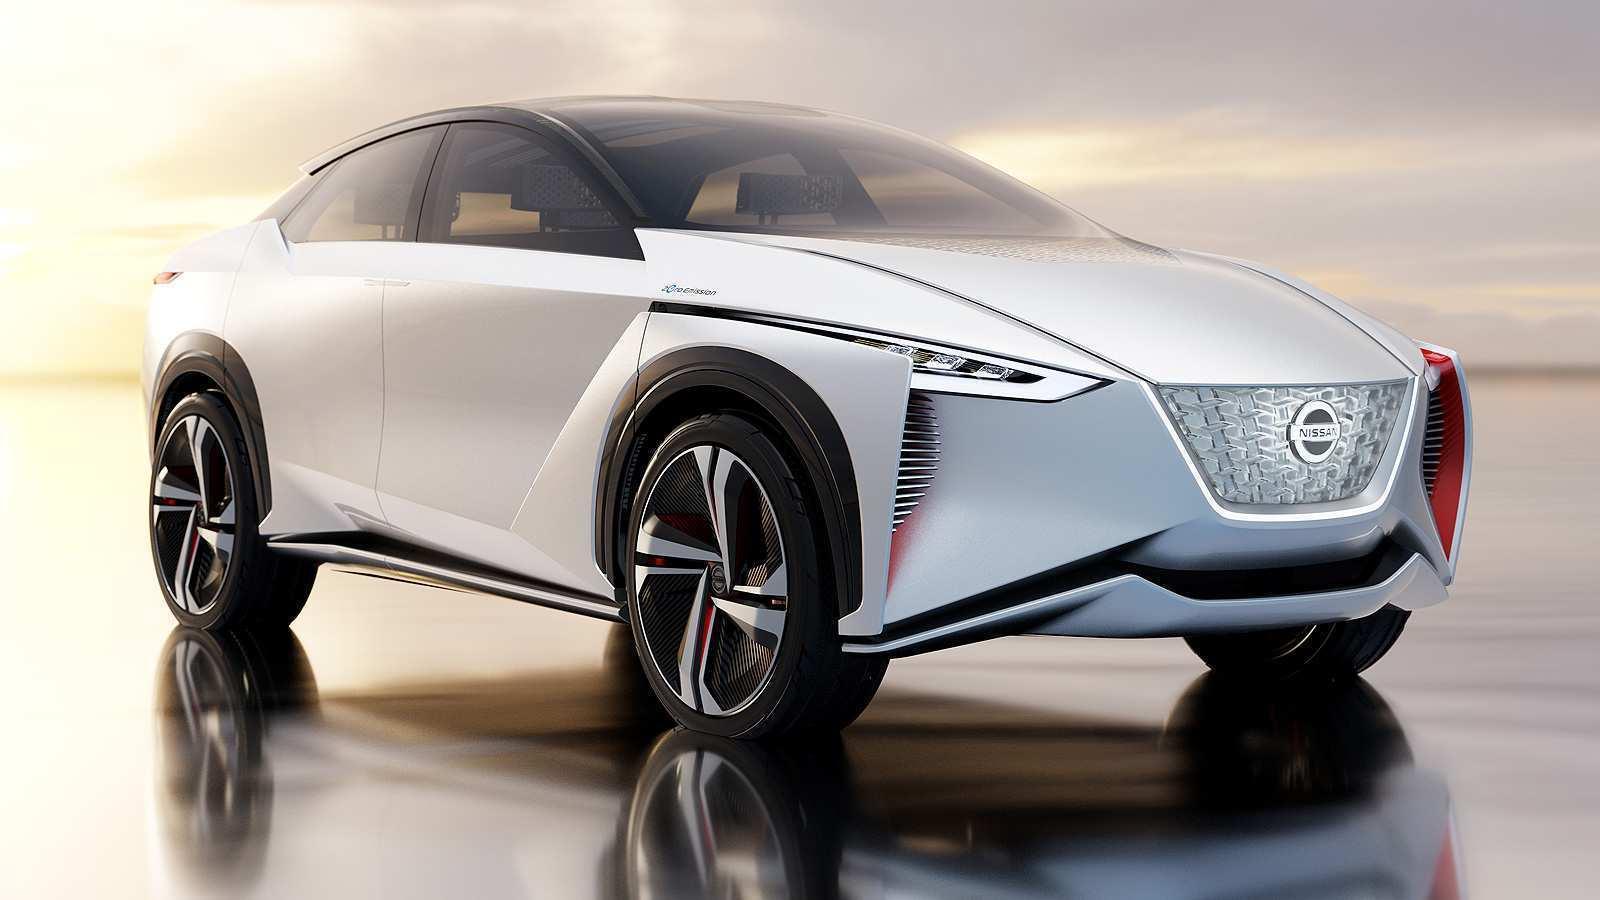 16 The Lanzamientos Nissan 2020 Exterior for Lanzamientos Nissan 2020